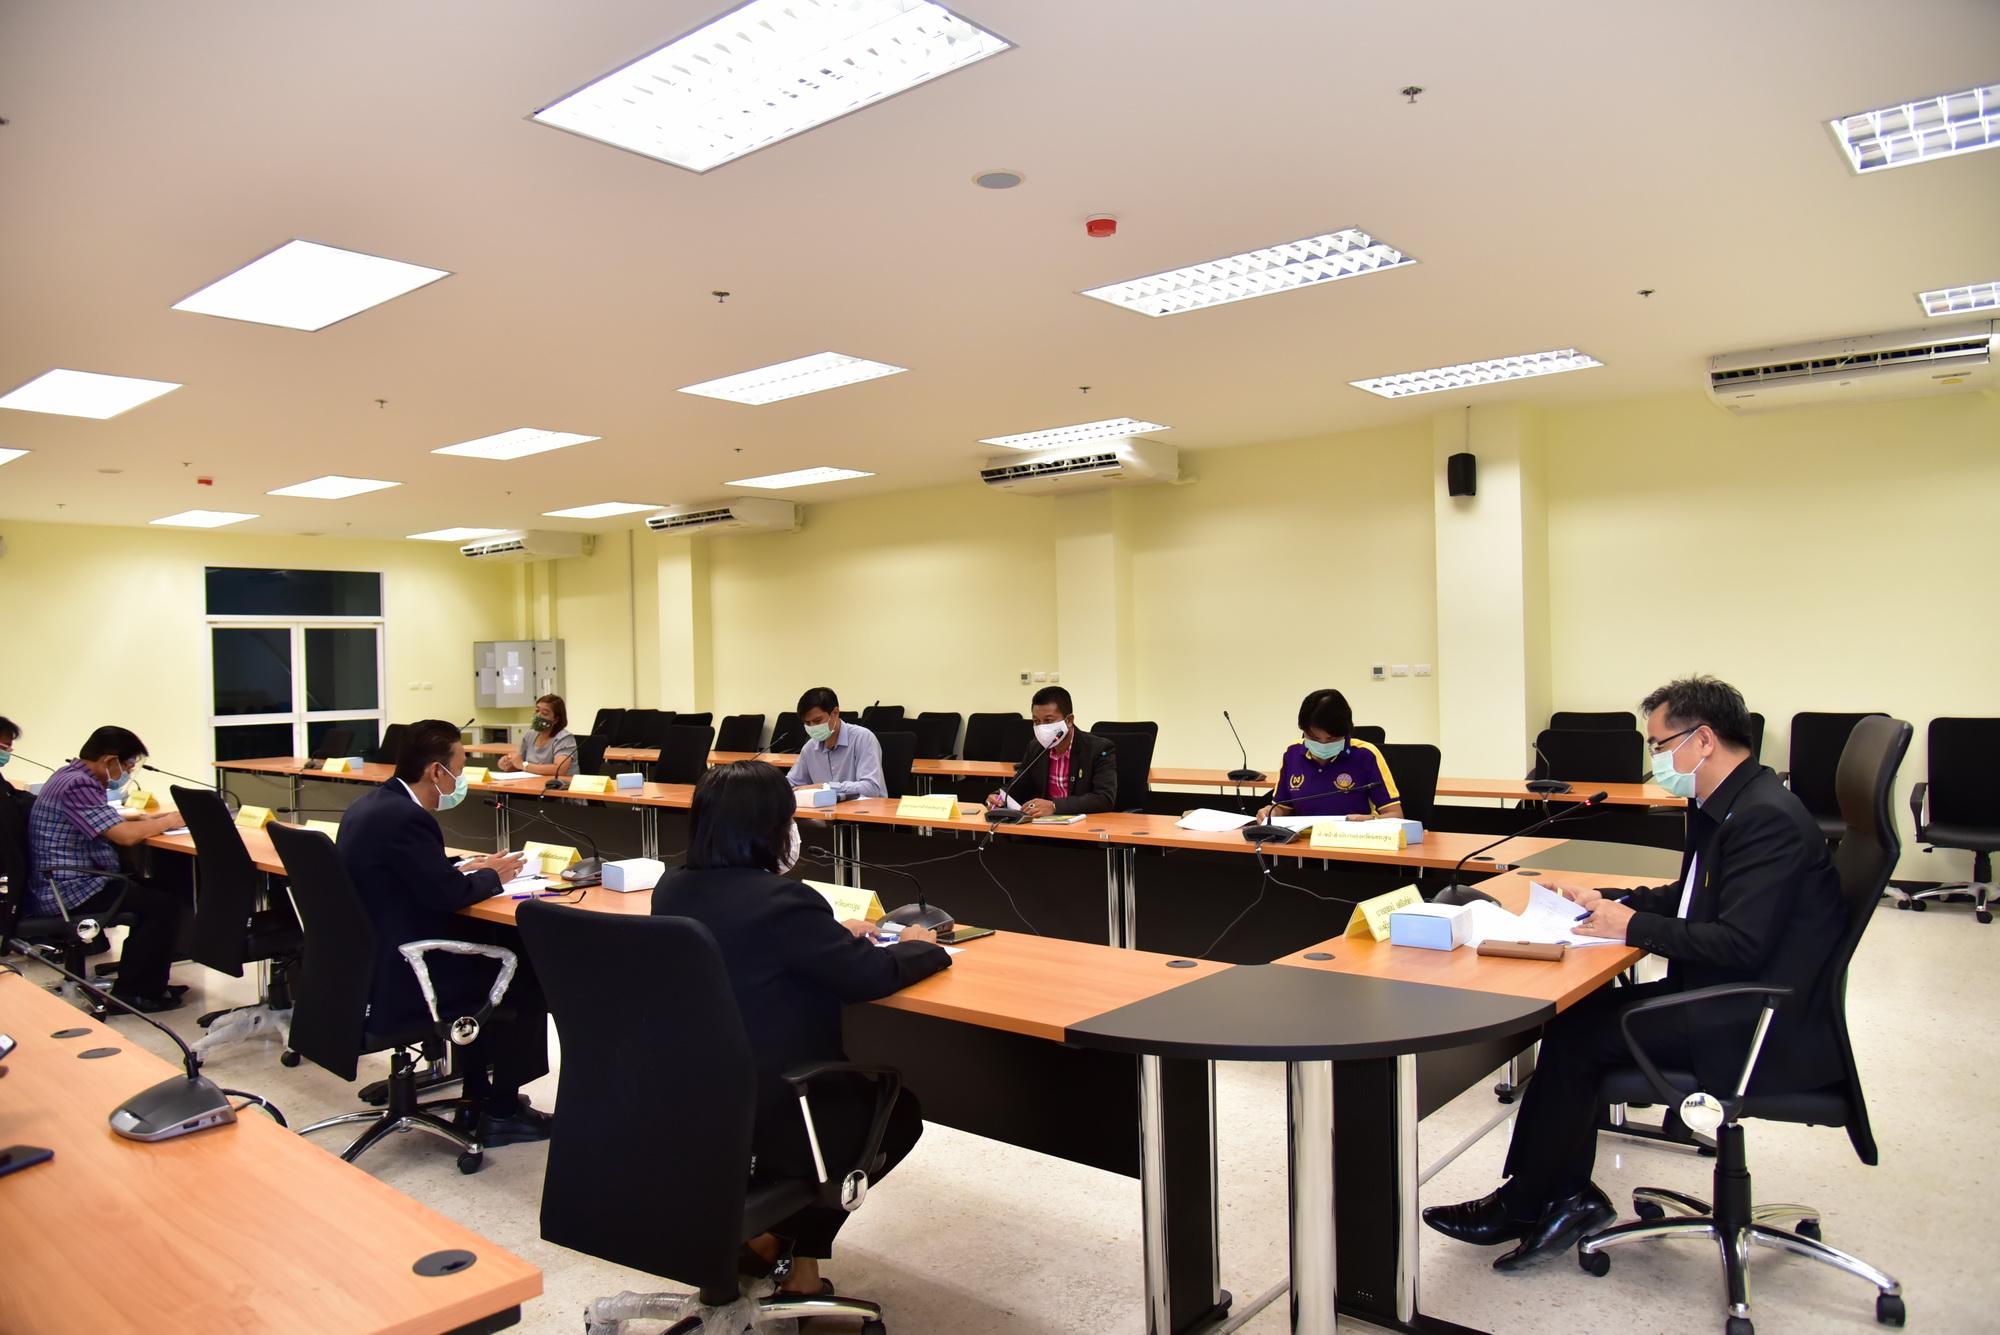 สนง.ประชาสัมพันธ์จังหวัดนครปฐมจัดประชุมคณะอนุกรรมการประชาสัมพันธ์แห่งชาติระดับจังหวัด ครั้งที่ 2/2563